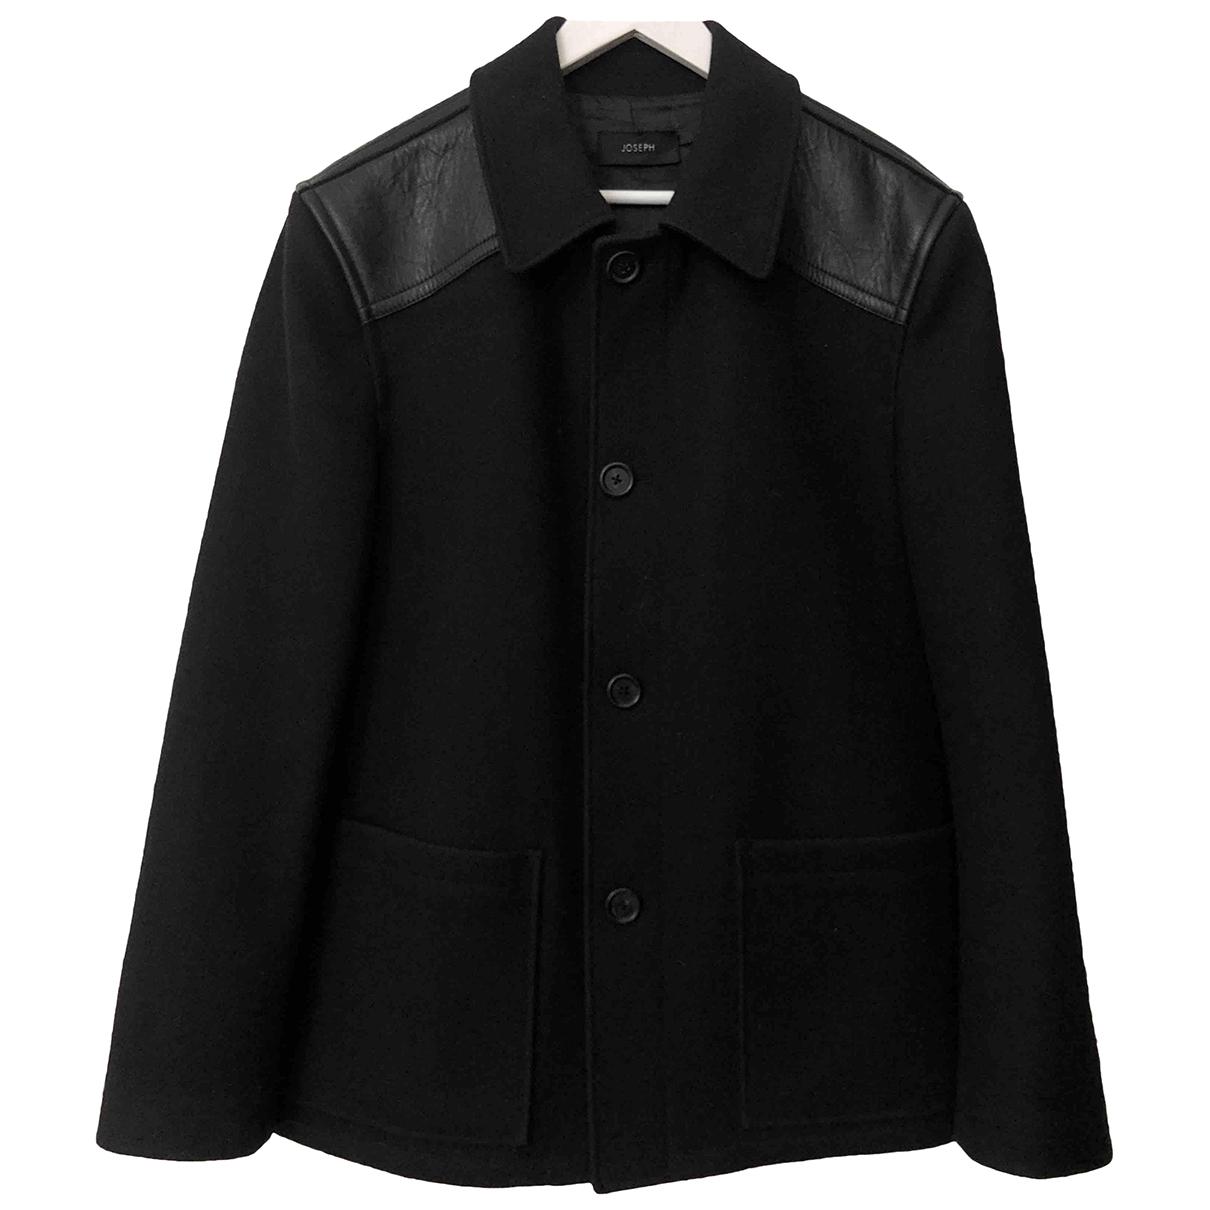 Joseph - Manteau   pour homme en laine - noir